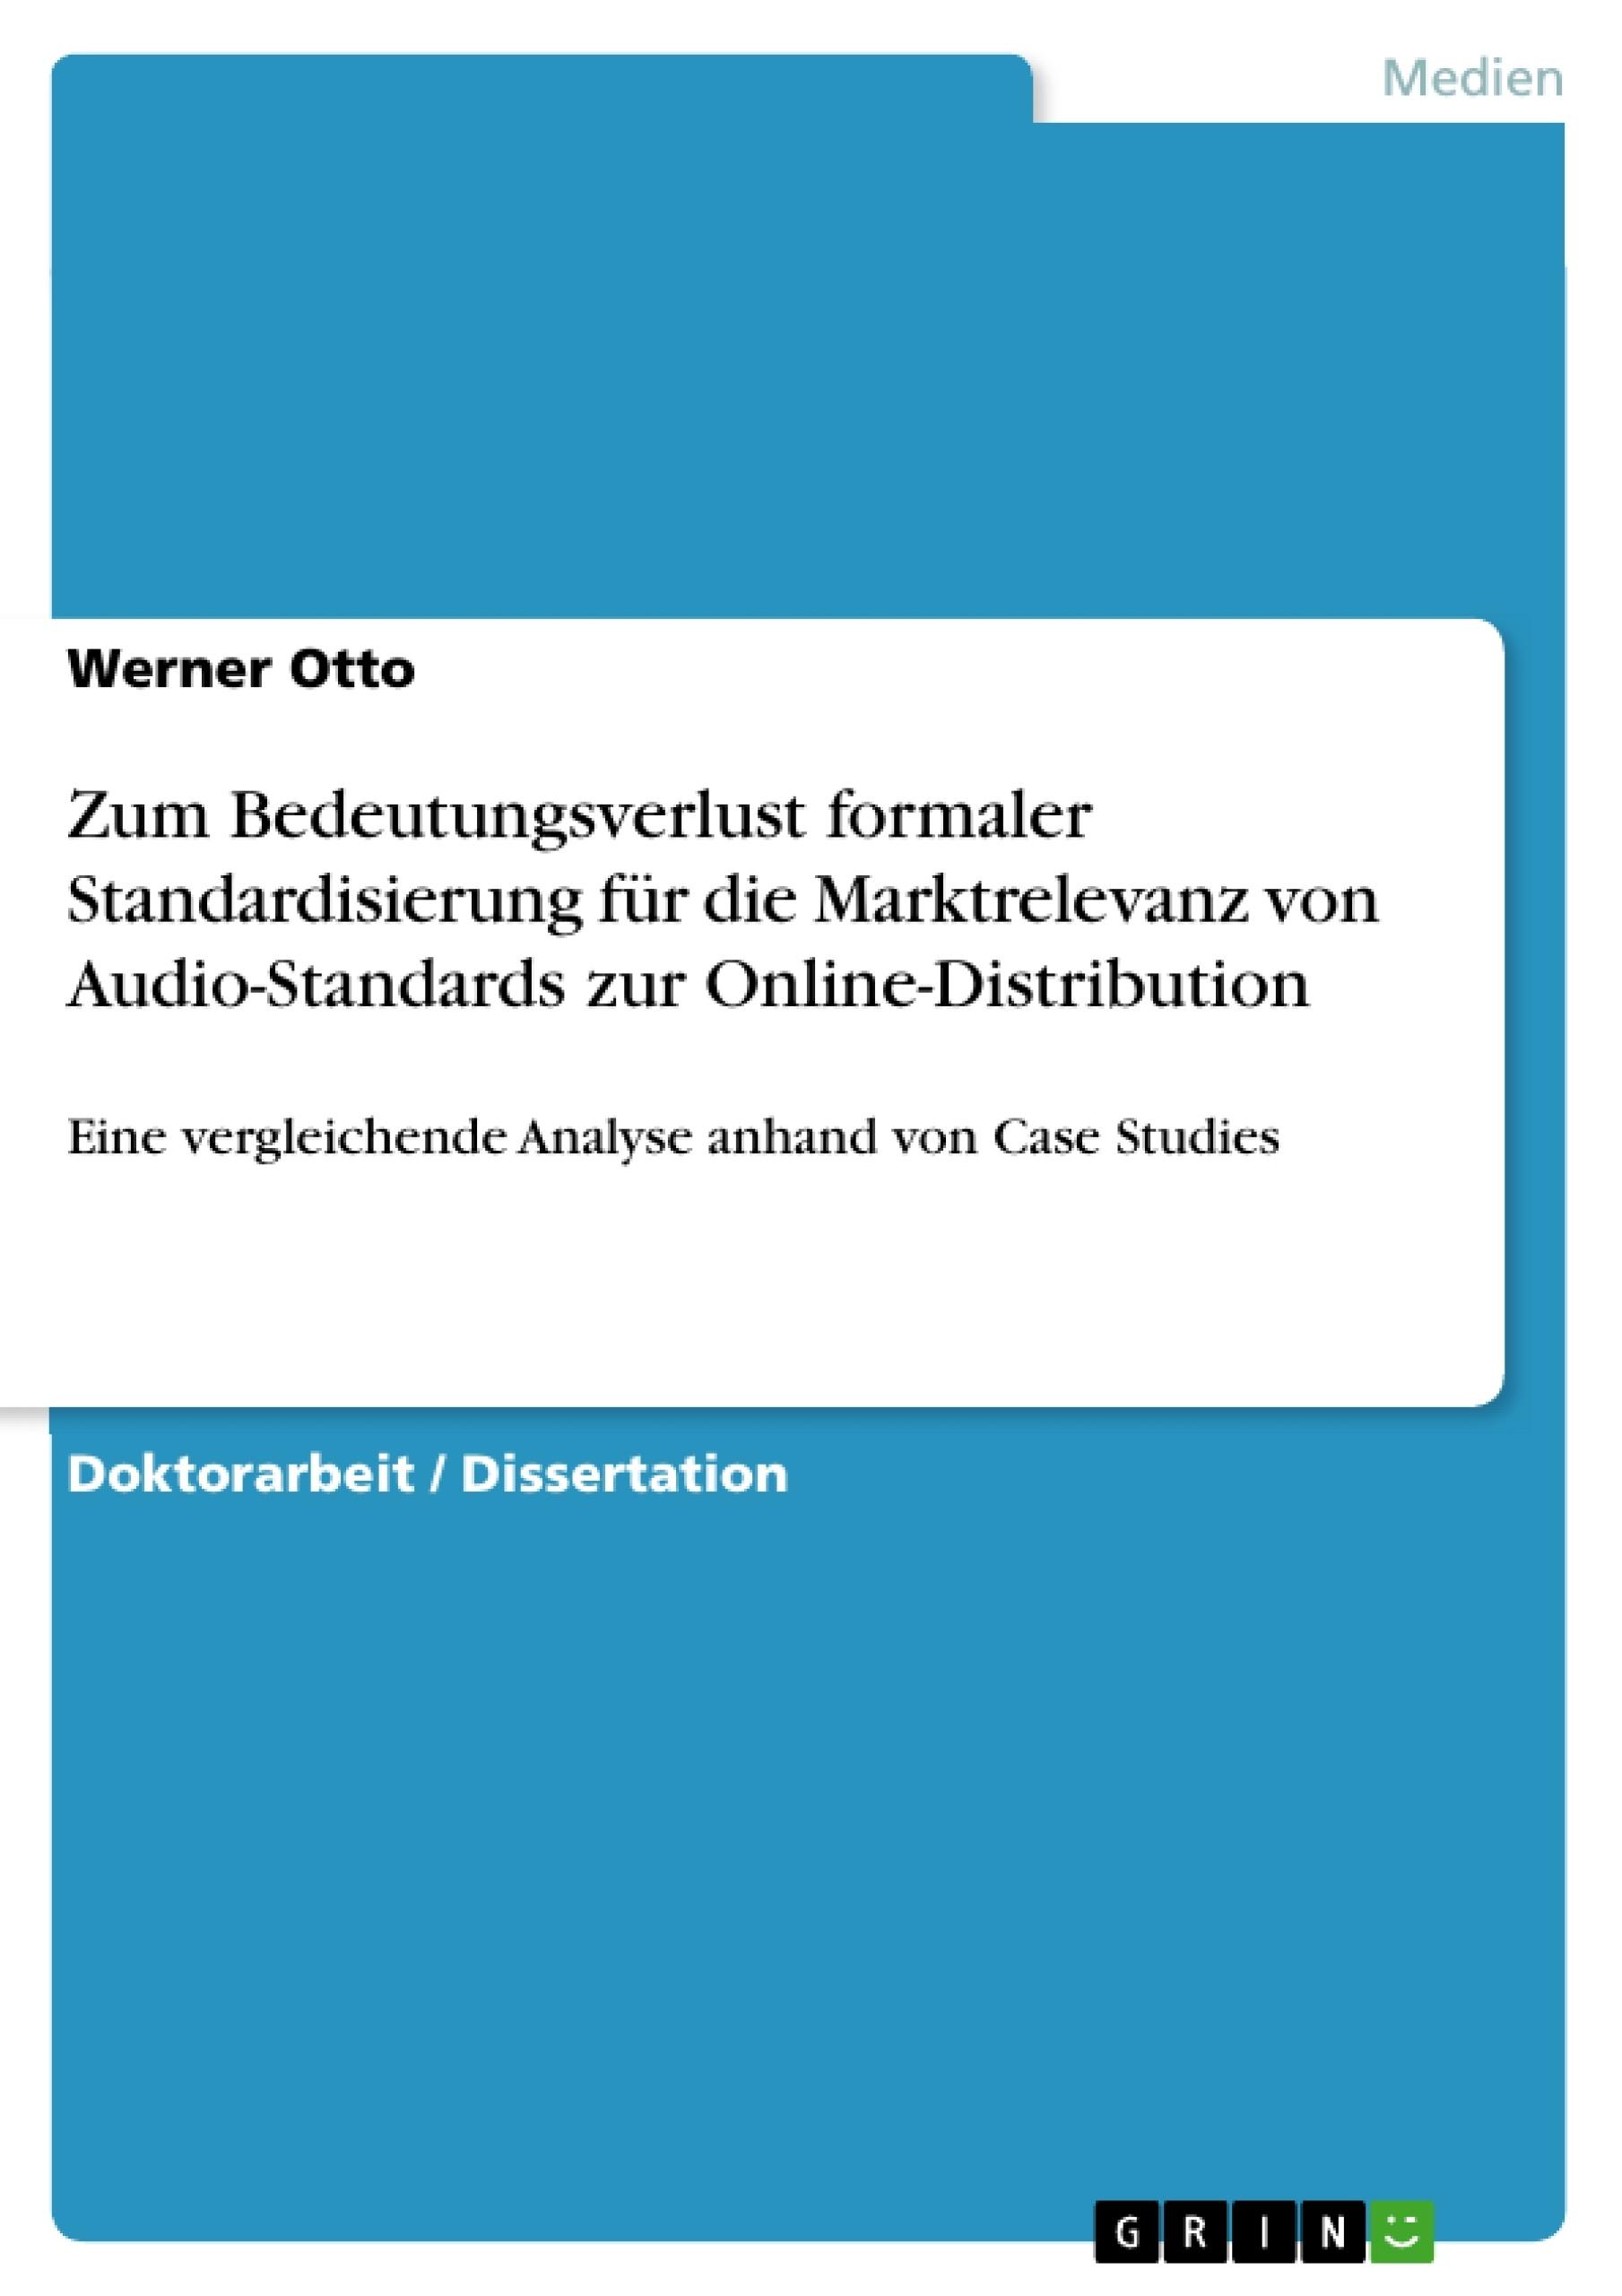 Titel: Zum Bedeutungsverlust formaler Standardisierung für die Marktrelevanz von Audio-Standards zur Online-Distribution